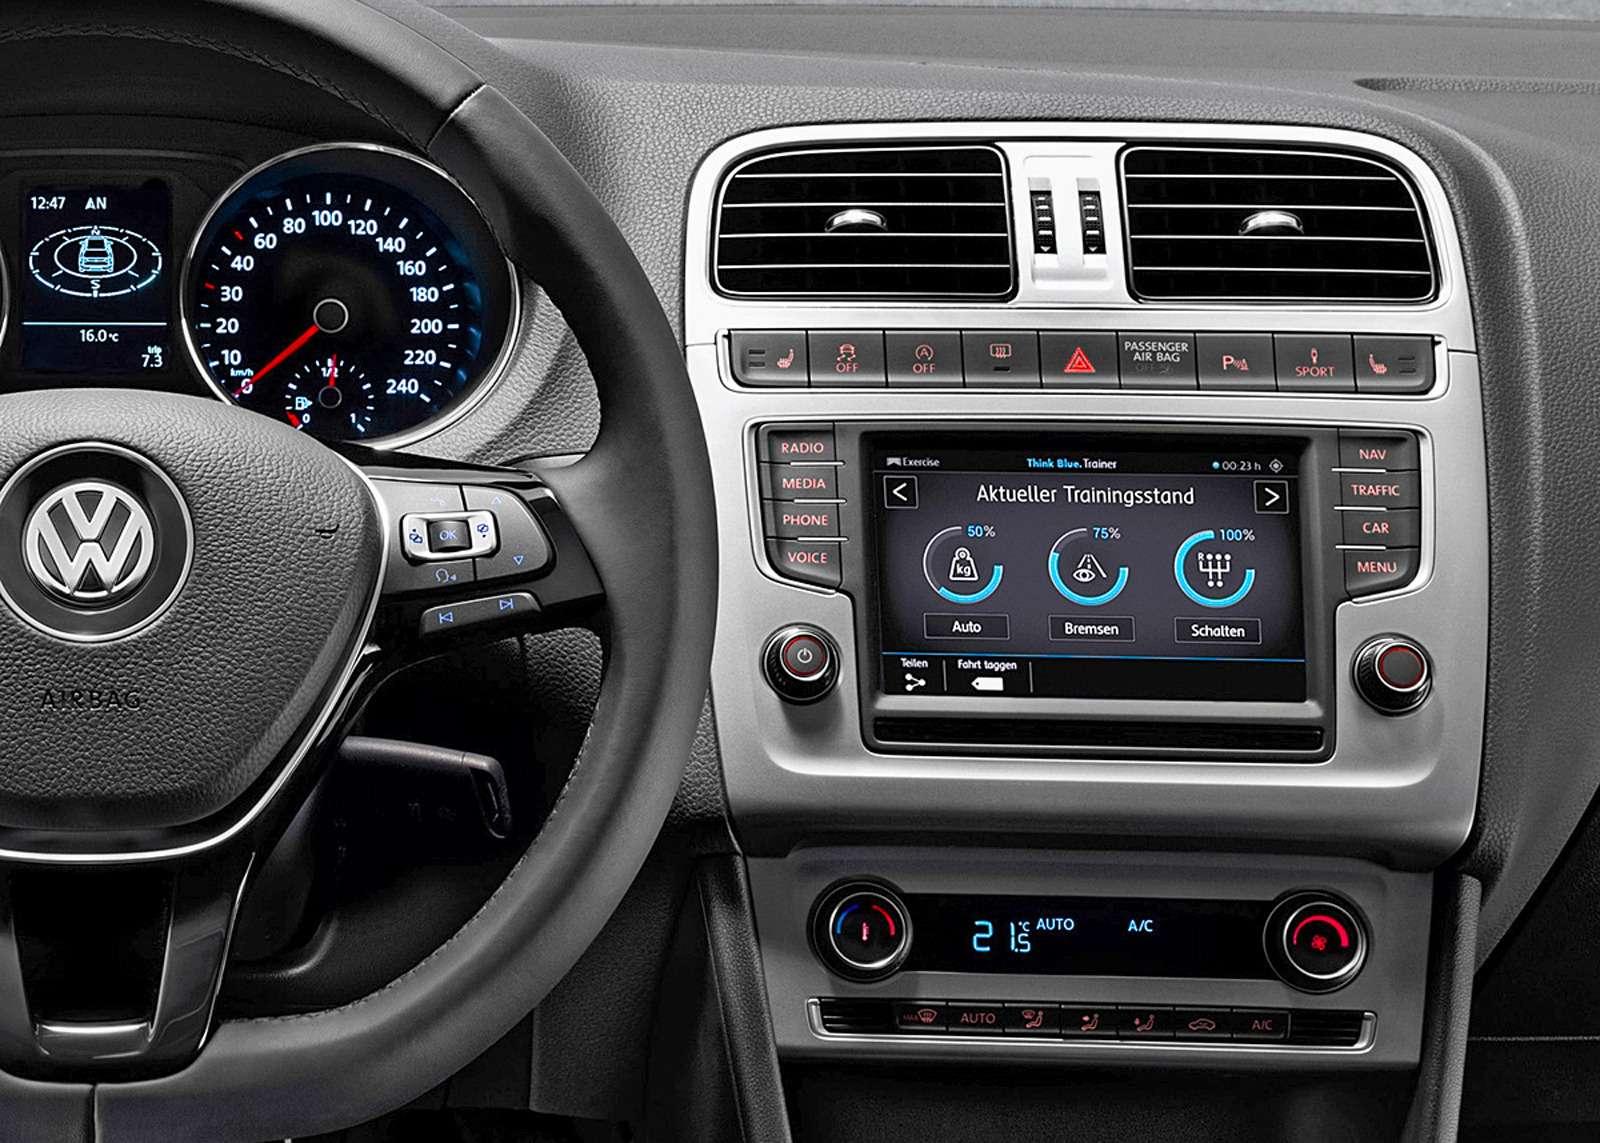 Mirrorlink-VW-instrumentbord